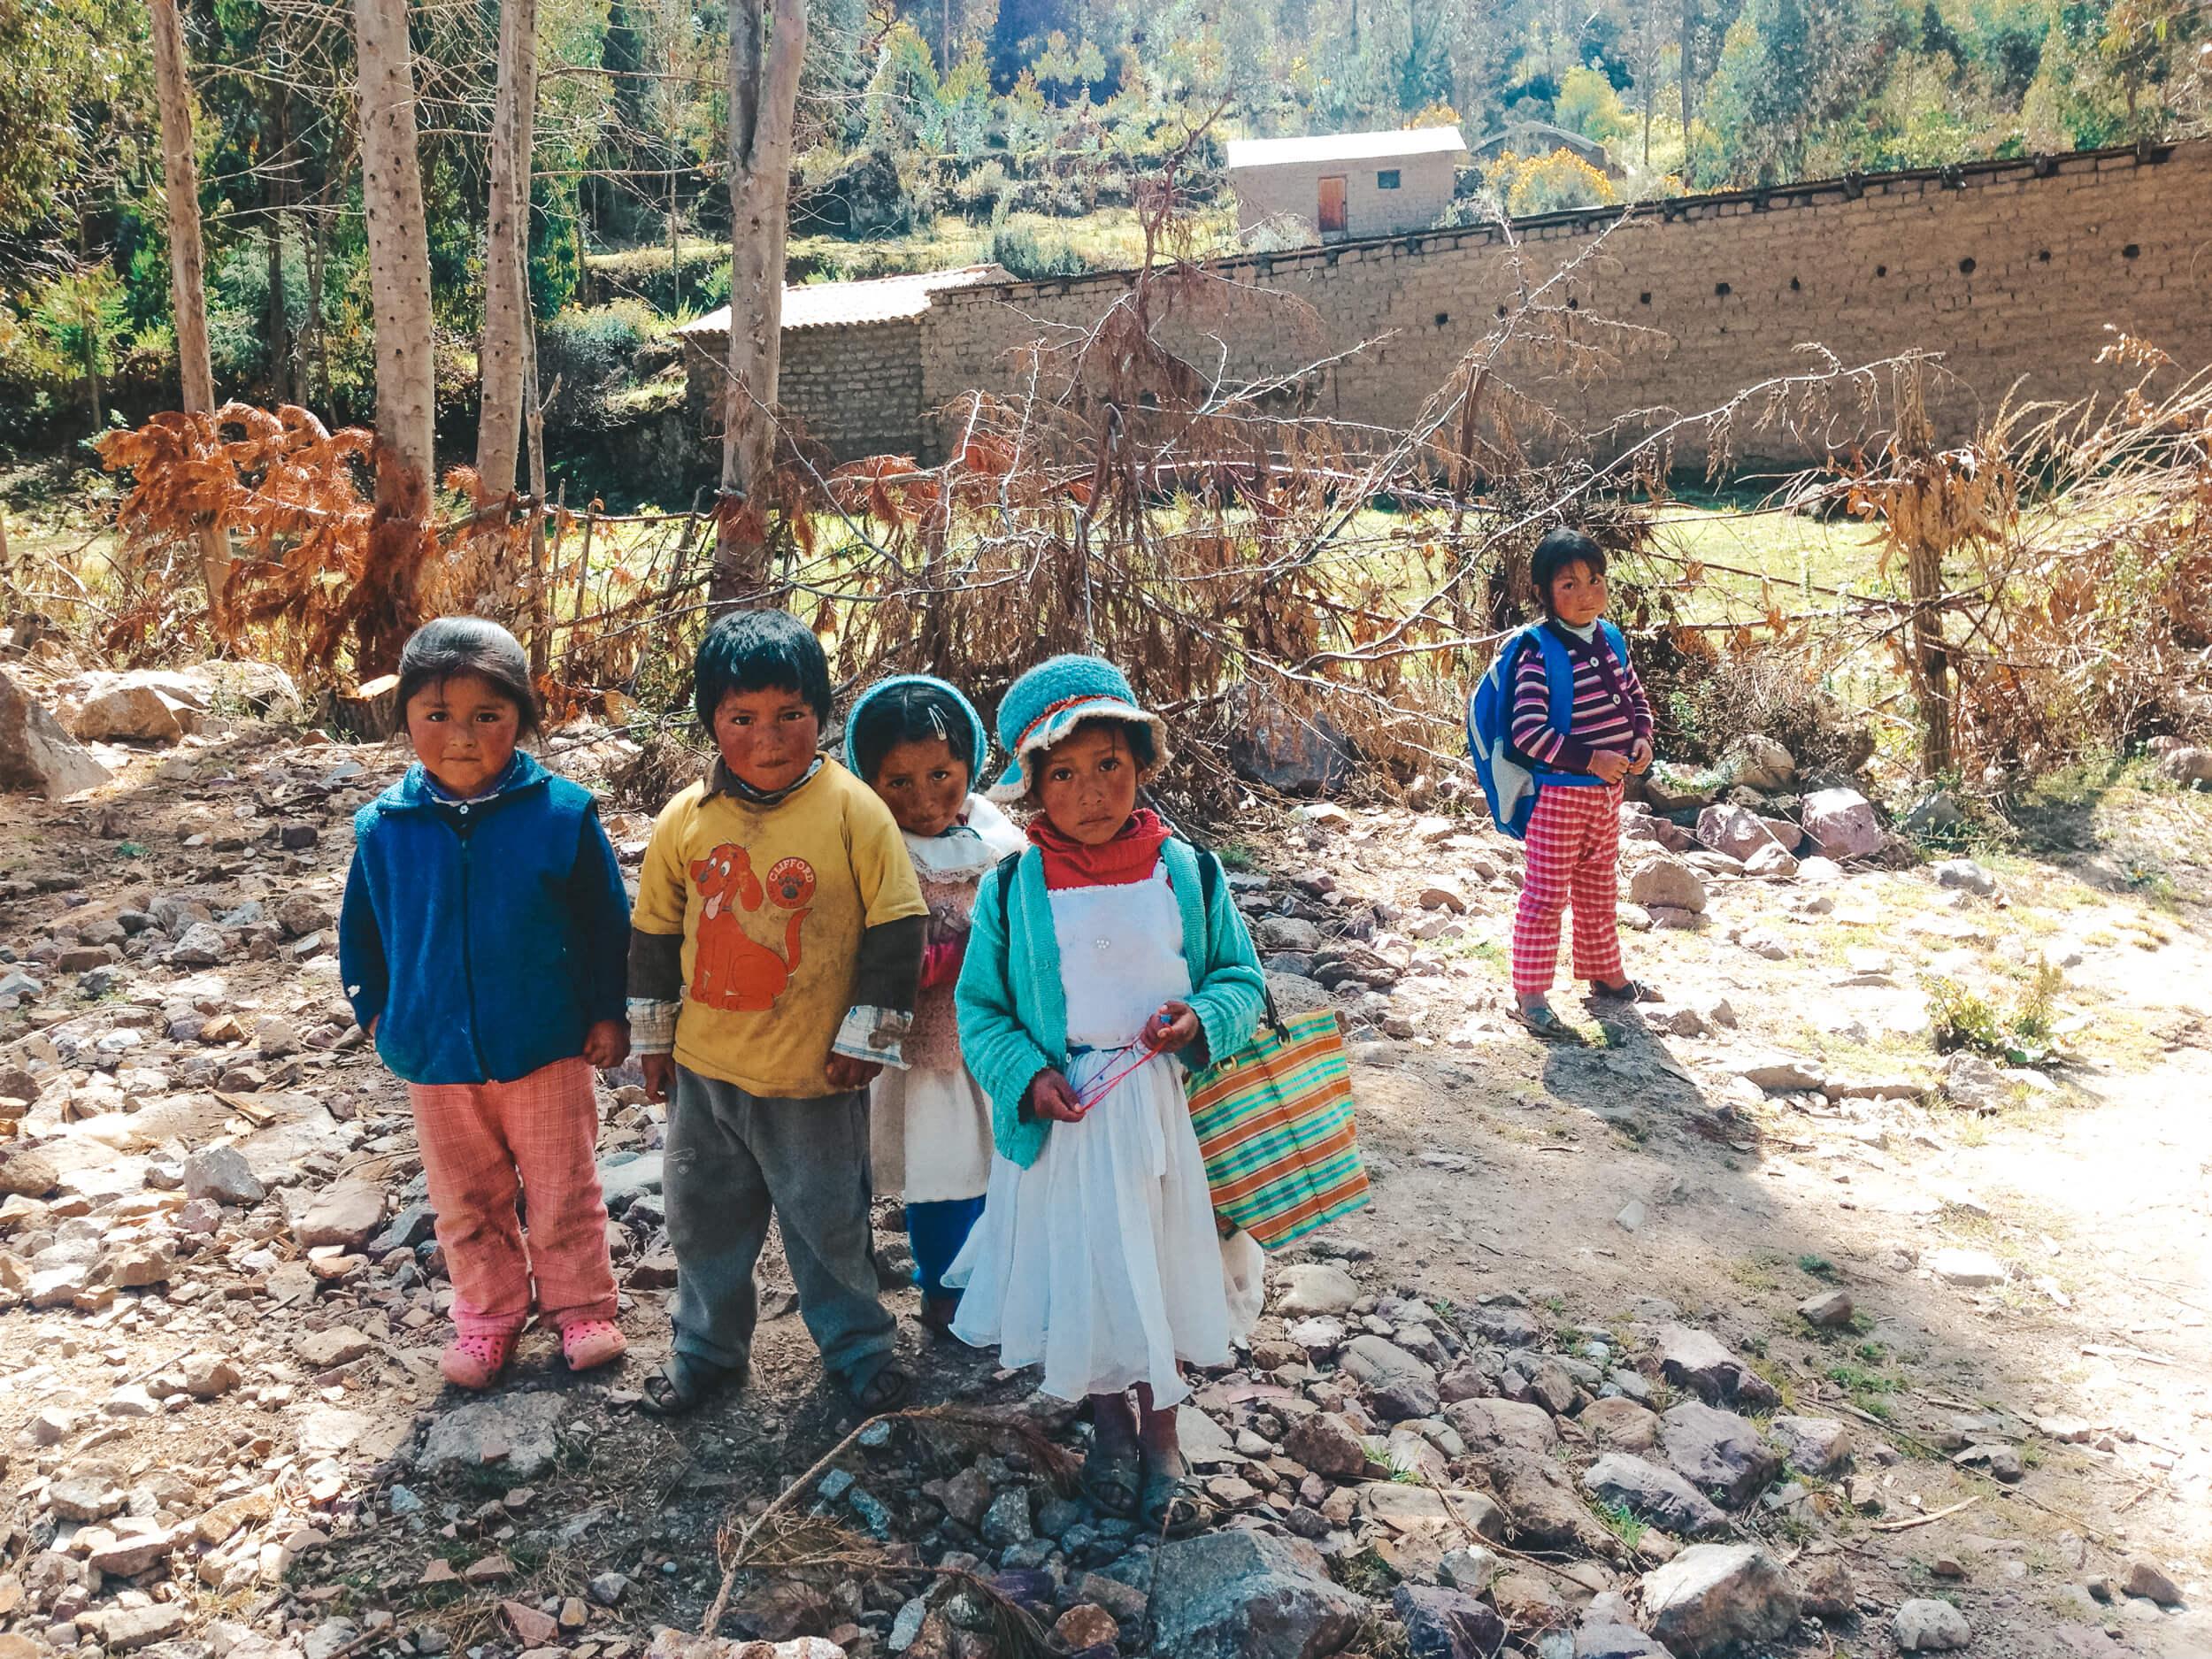 lares trek children voluntoursim peru - ochristine